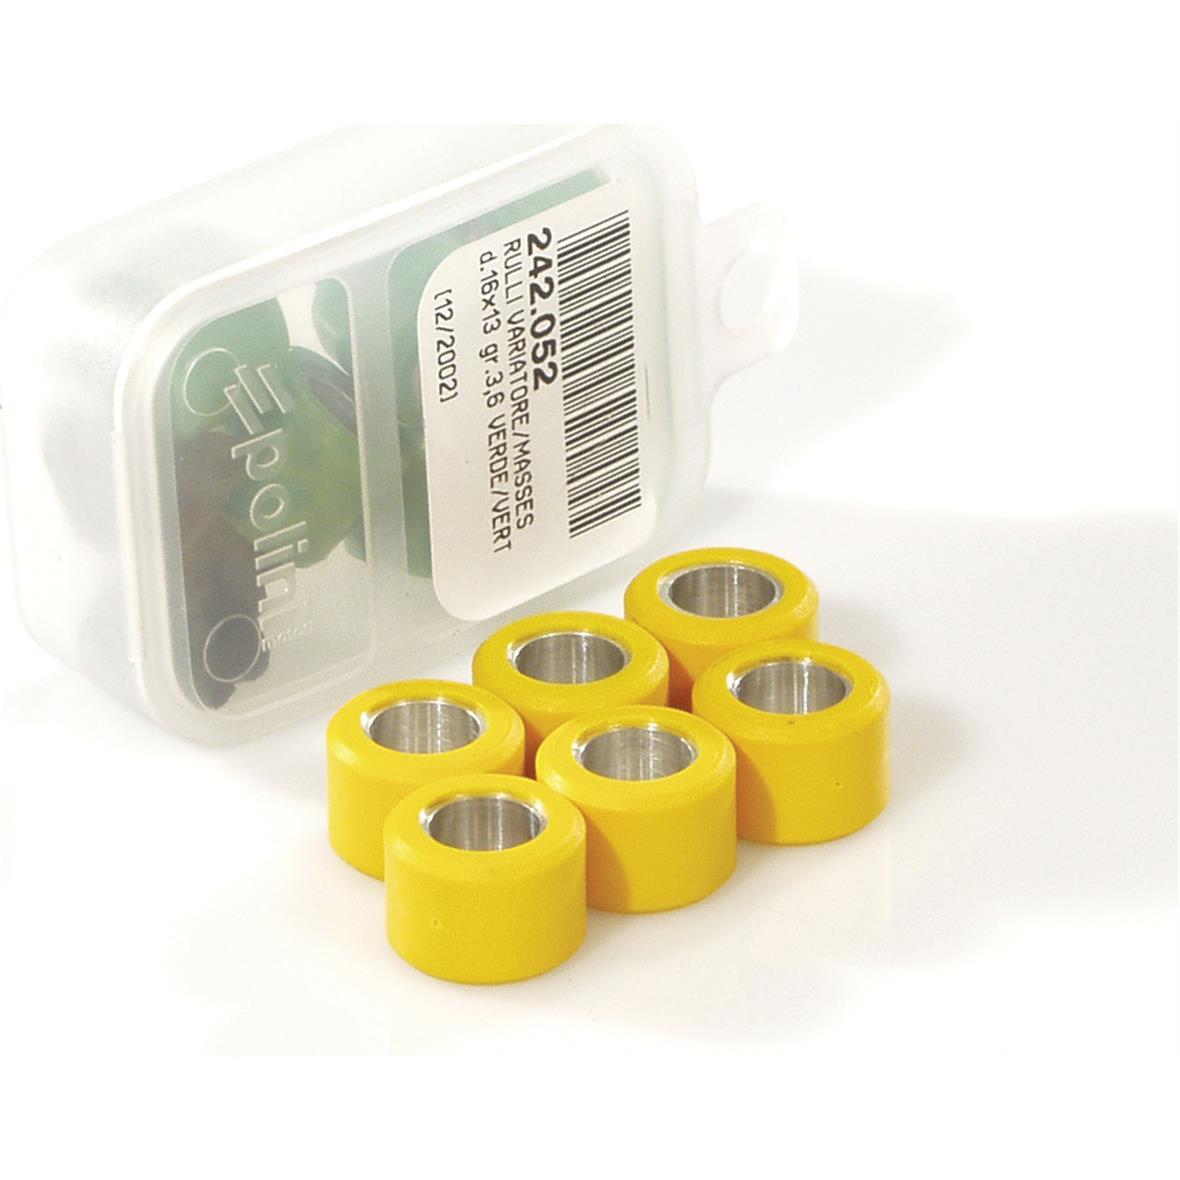 Obrázek výrobku pro 'Válečky variátoru POLINI 17x12 mm 3,7 gramTitle'